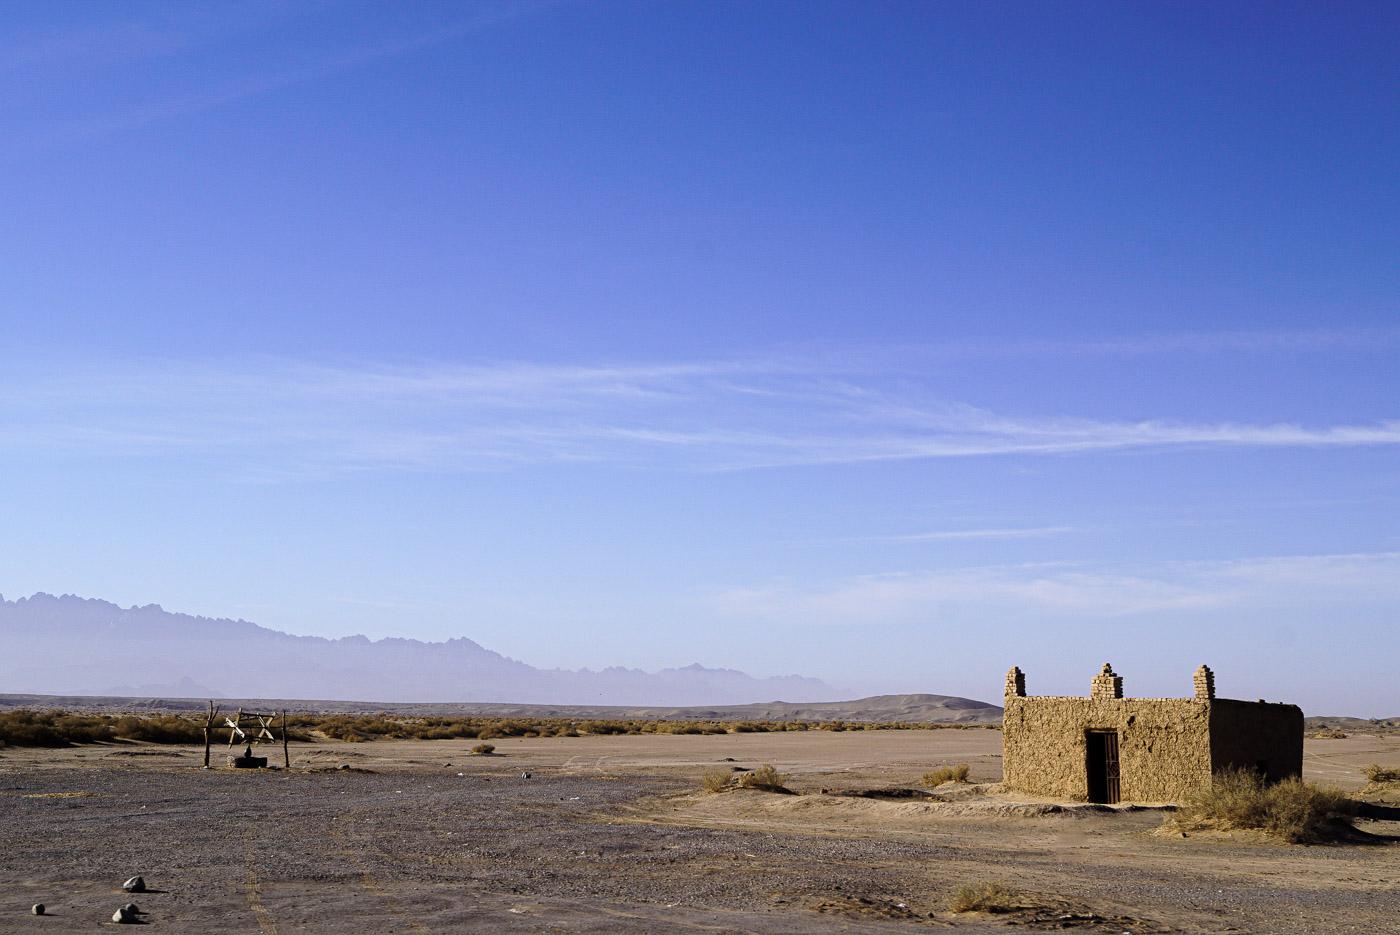 Zu sehen ist eine Steppe, weit im Hintergrund erheben sich schroffe Bergformationen. Auf der linken Seite ist ein Brunnen zu sehen mit einem Rad mit dem ein Wassersack hoch und runtergezogen werden kann. Am linken Bildrand ist ein kleines Leben Haus zu sehen, welches drei Verzierungen auf dem Dach aufweist.